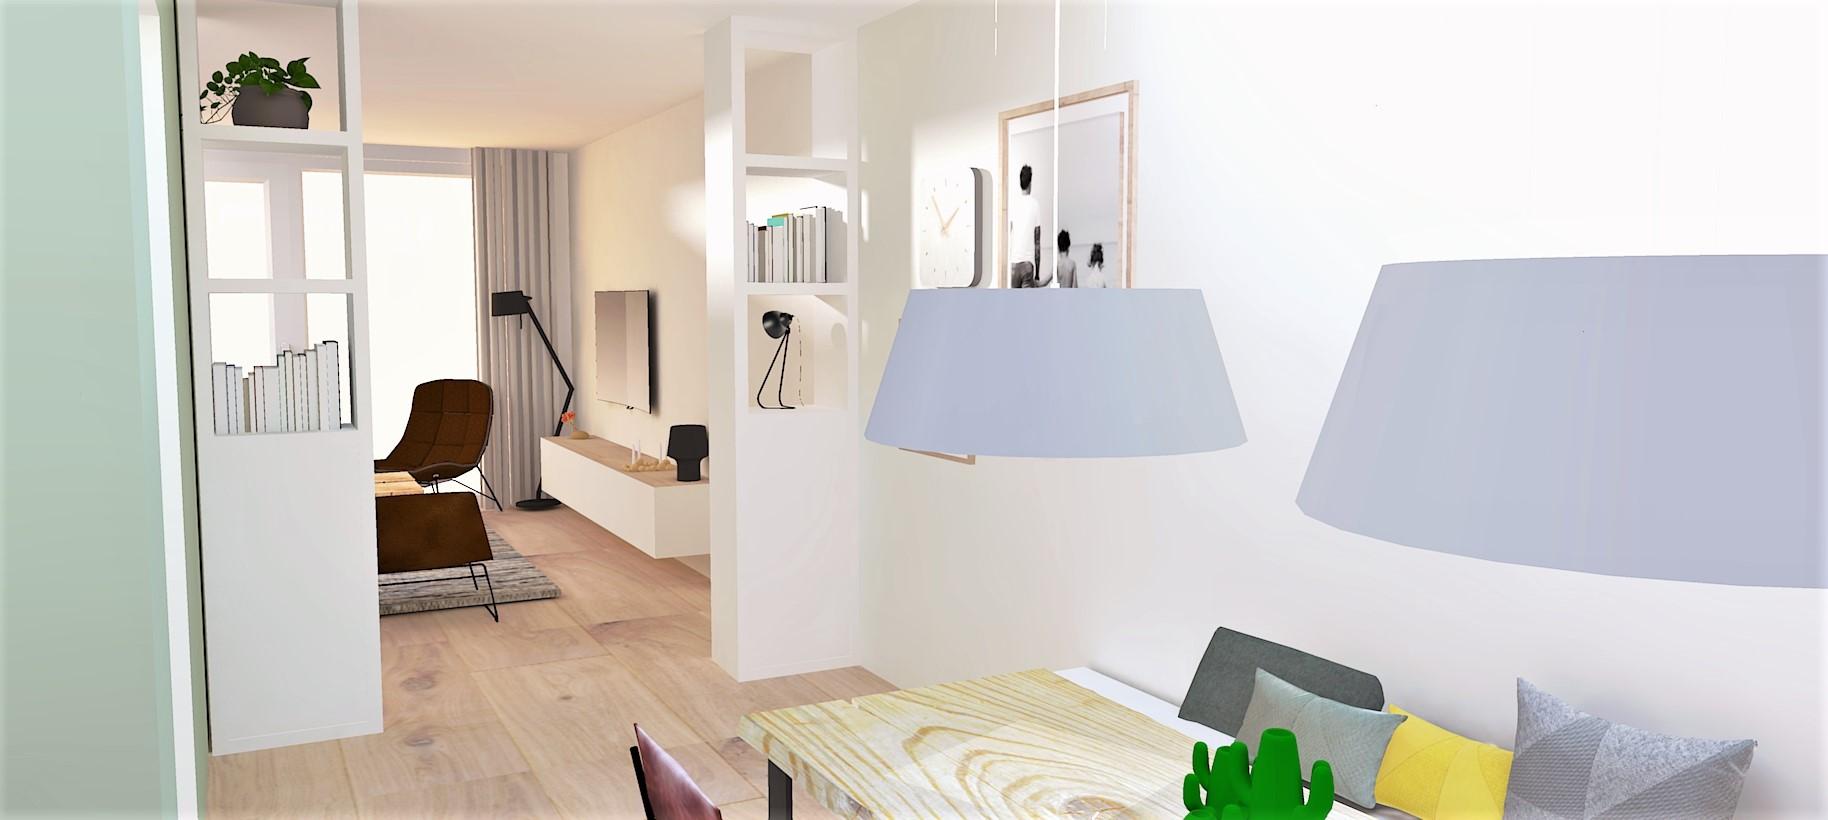 woonkamer + eetkamer rendering